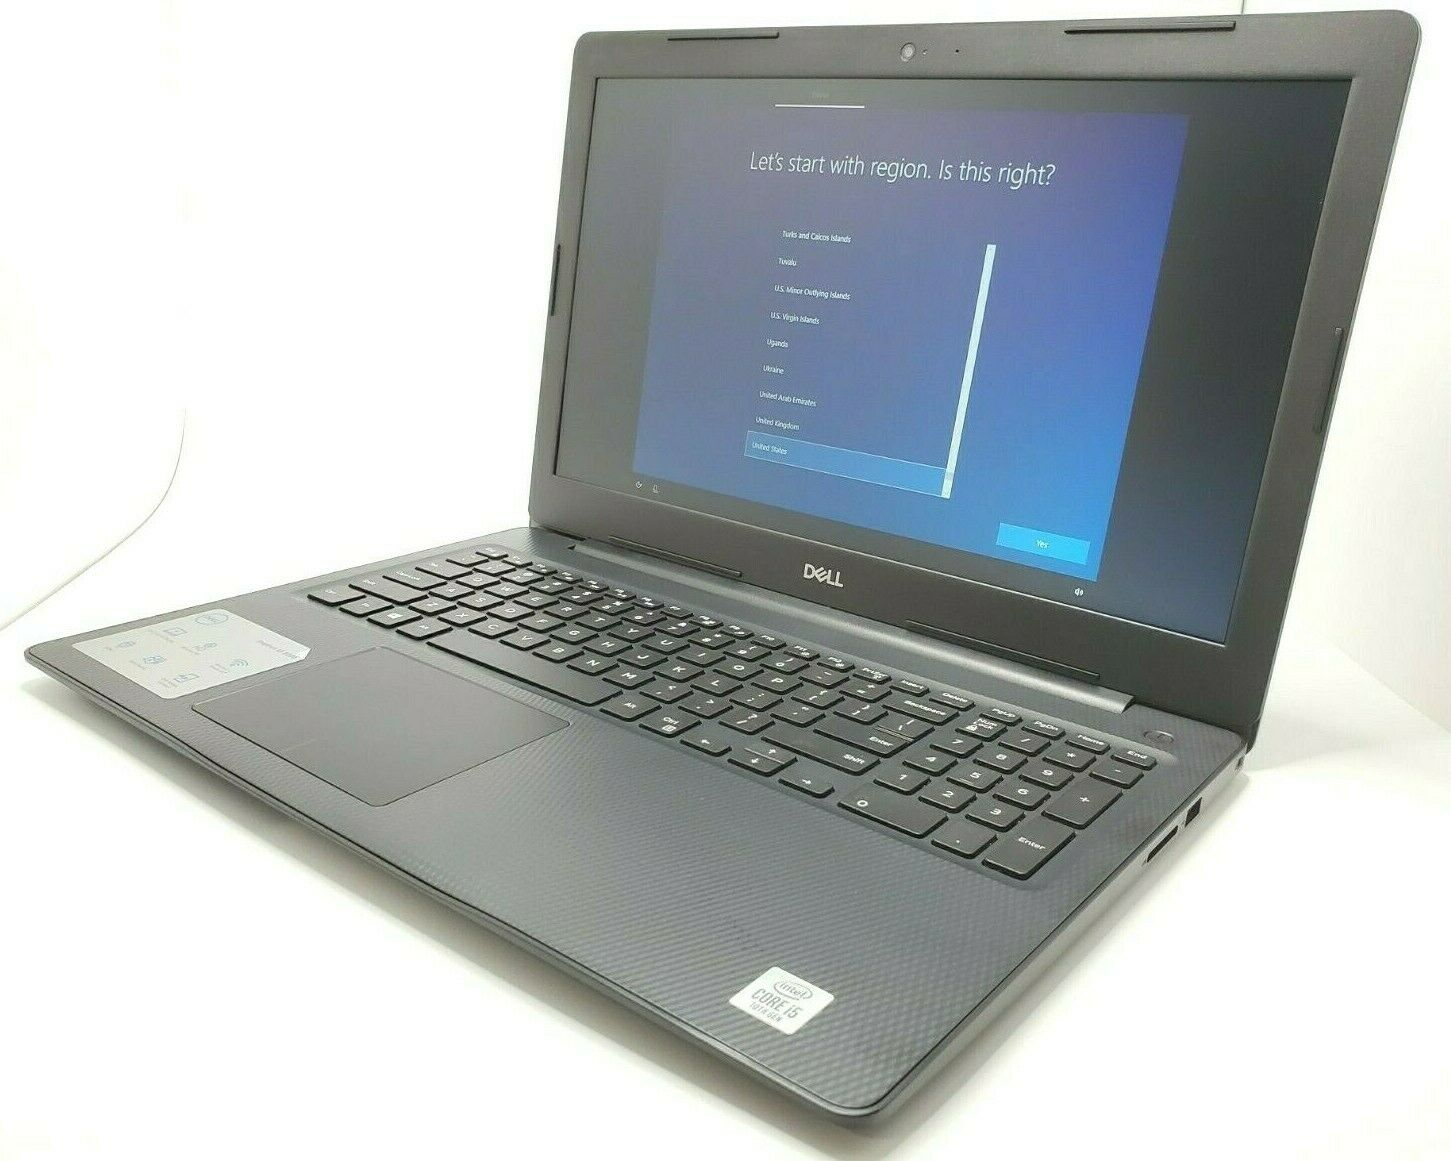 Dell Inspiron 15 3593 i5-1035G1, 8GB, 512GB SSD, 15.6